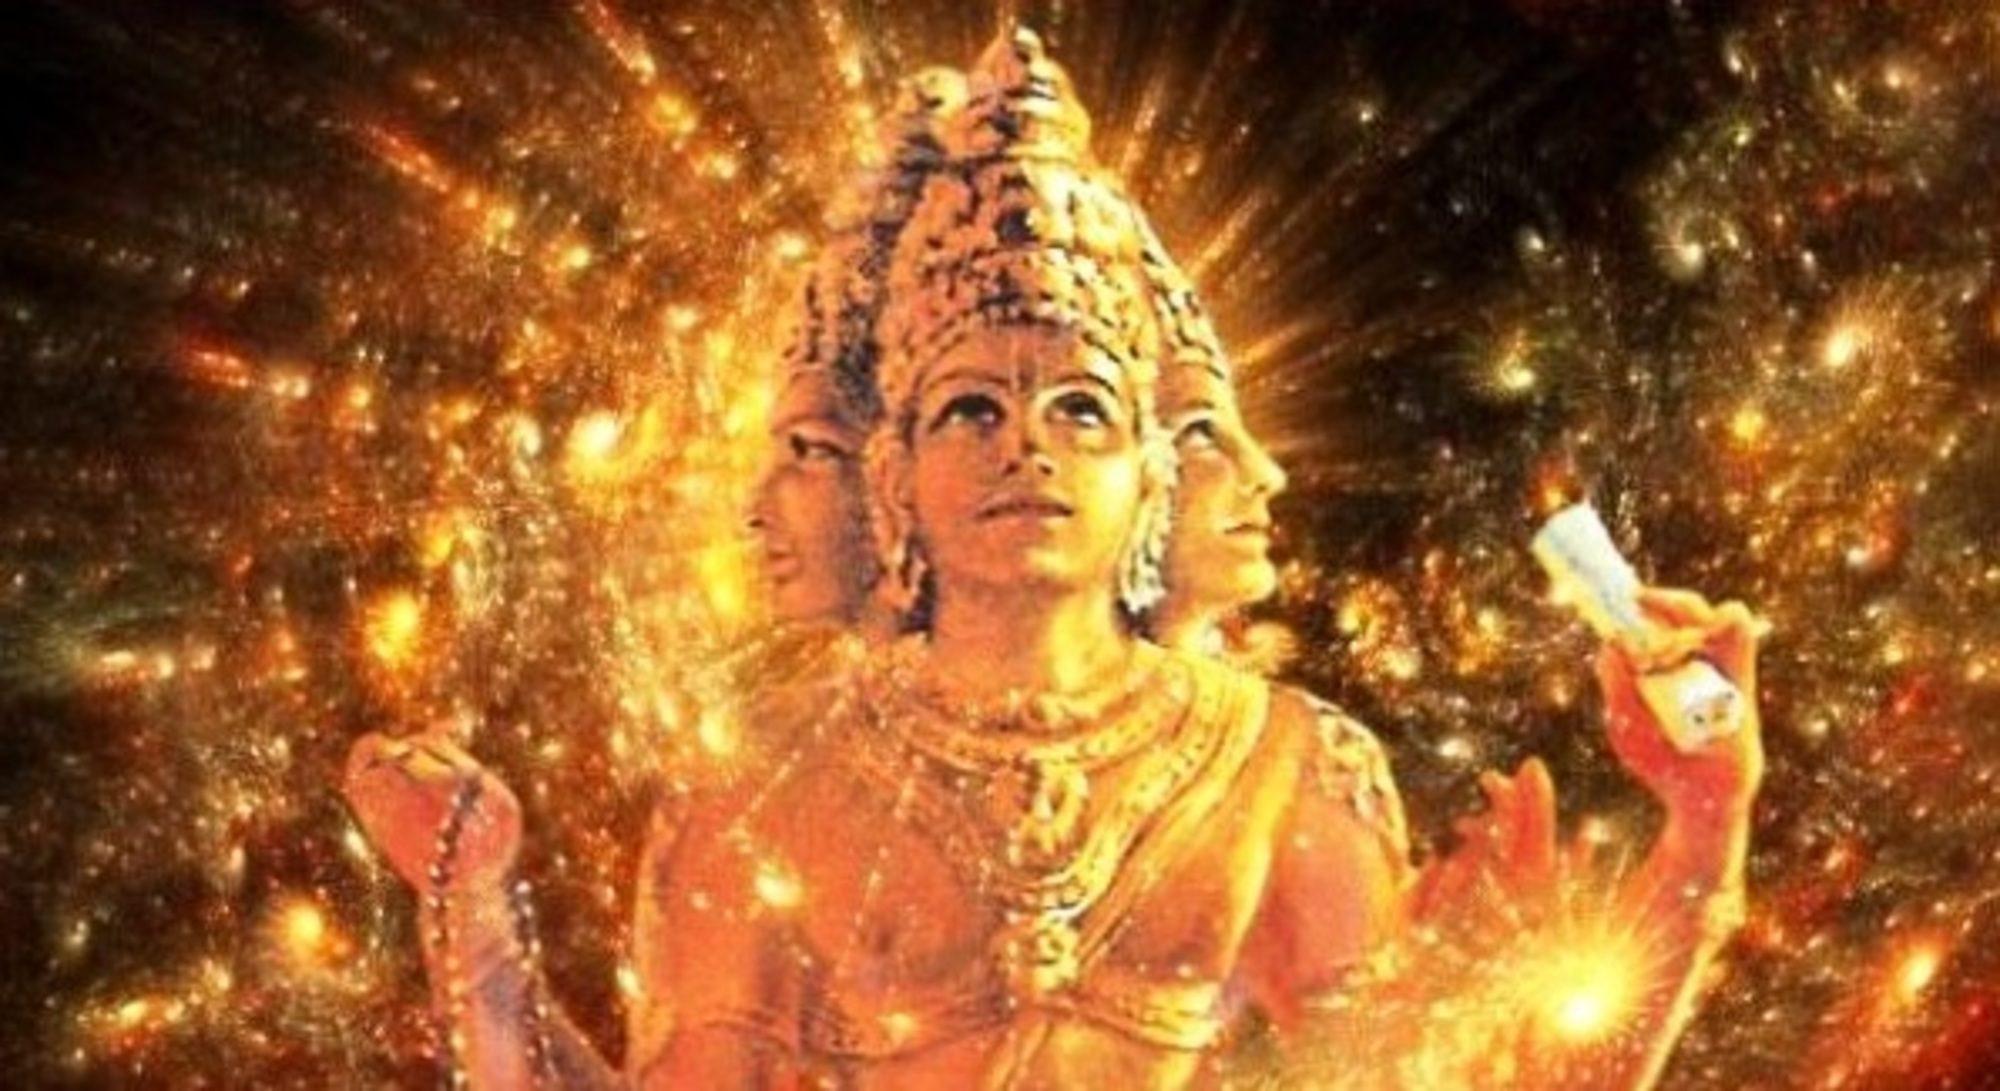 āgama, śabda – a szentírások tanításai